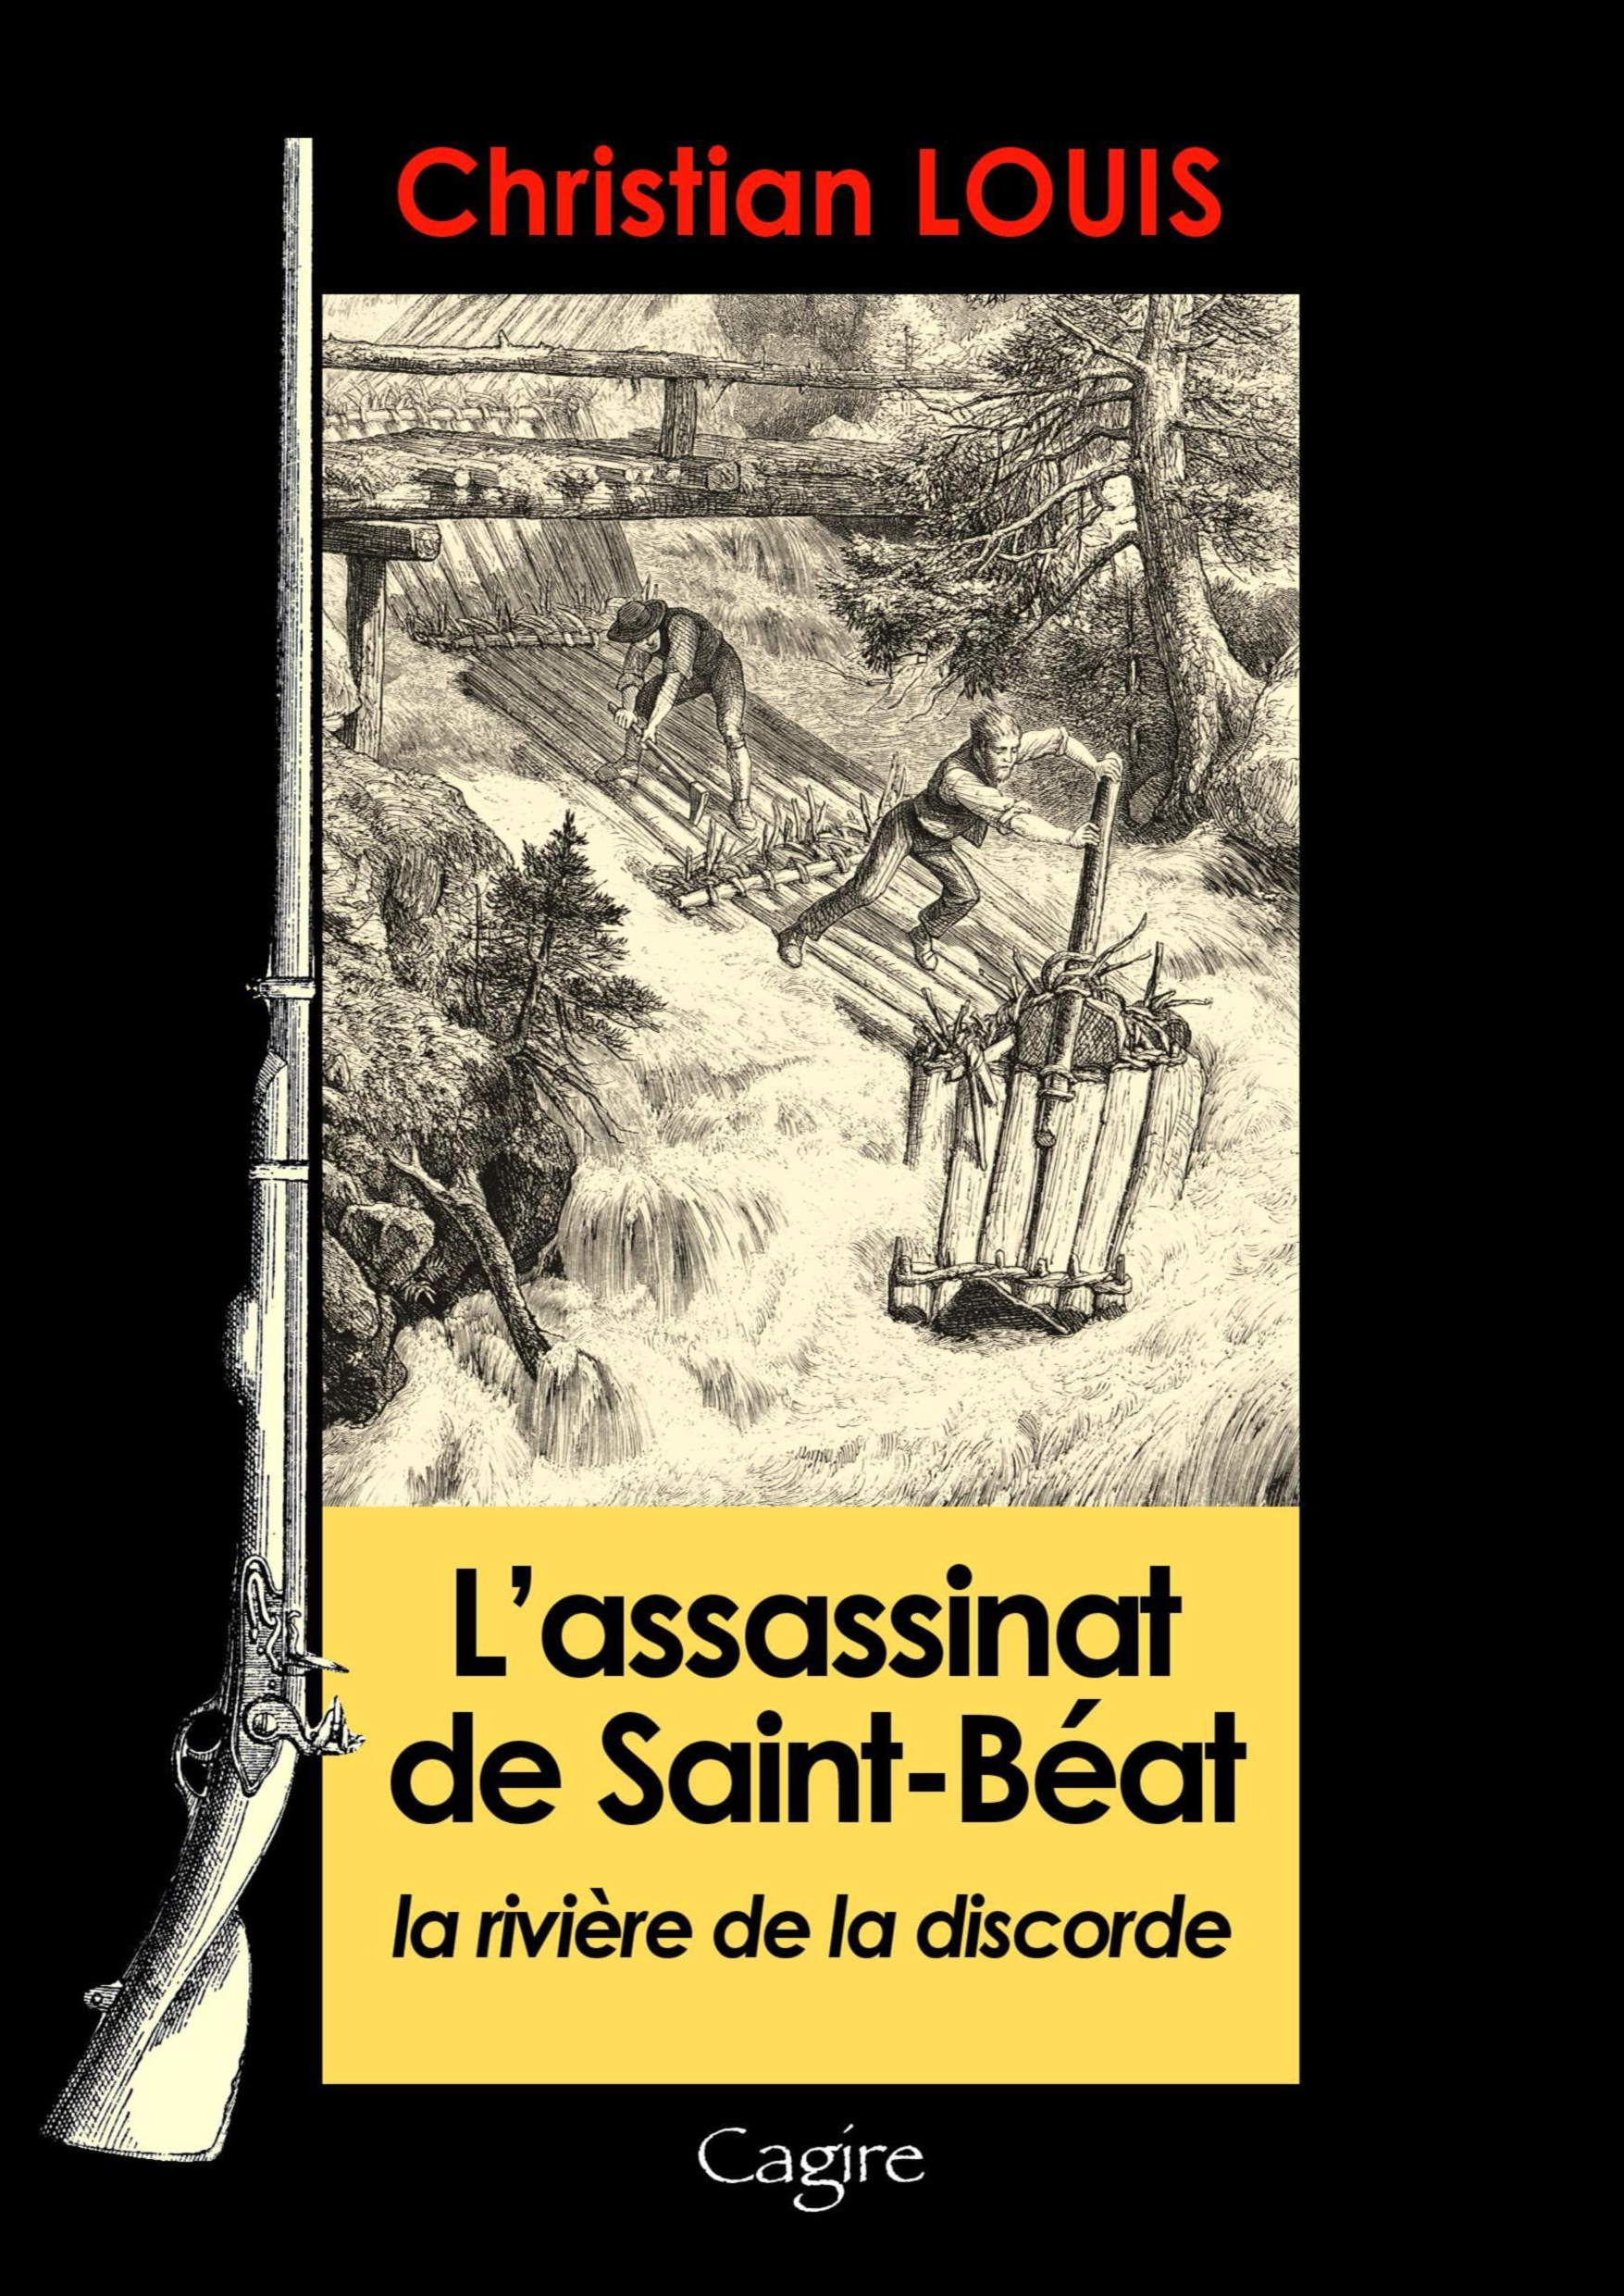 L'assassinat de Saint-Béat 1